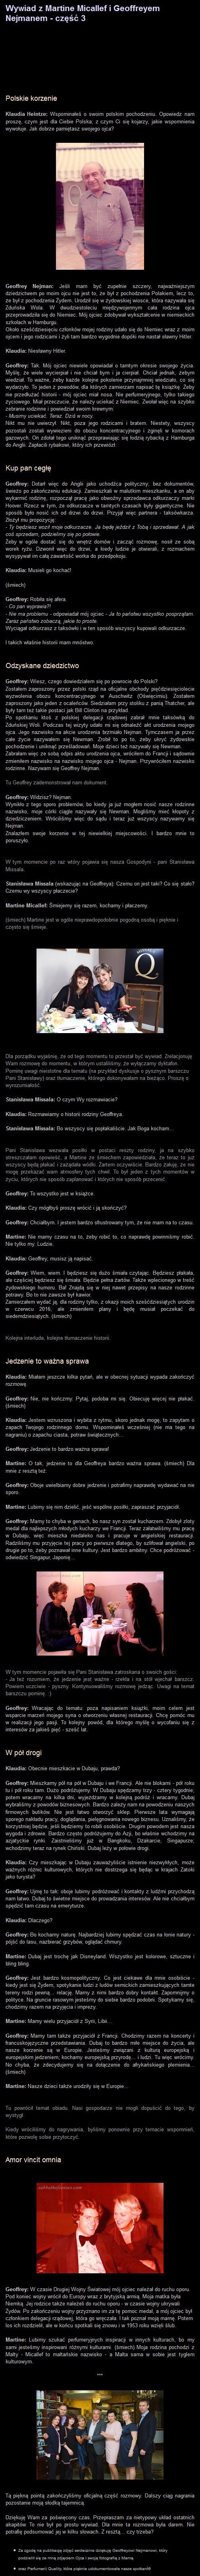 Sos_Wywiad (3)